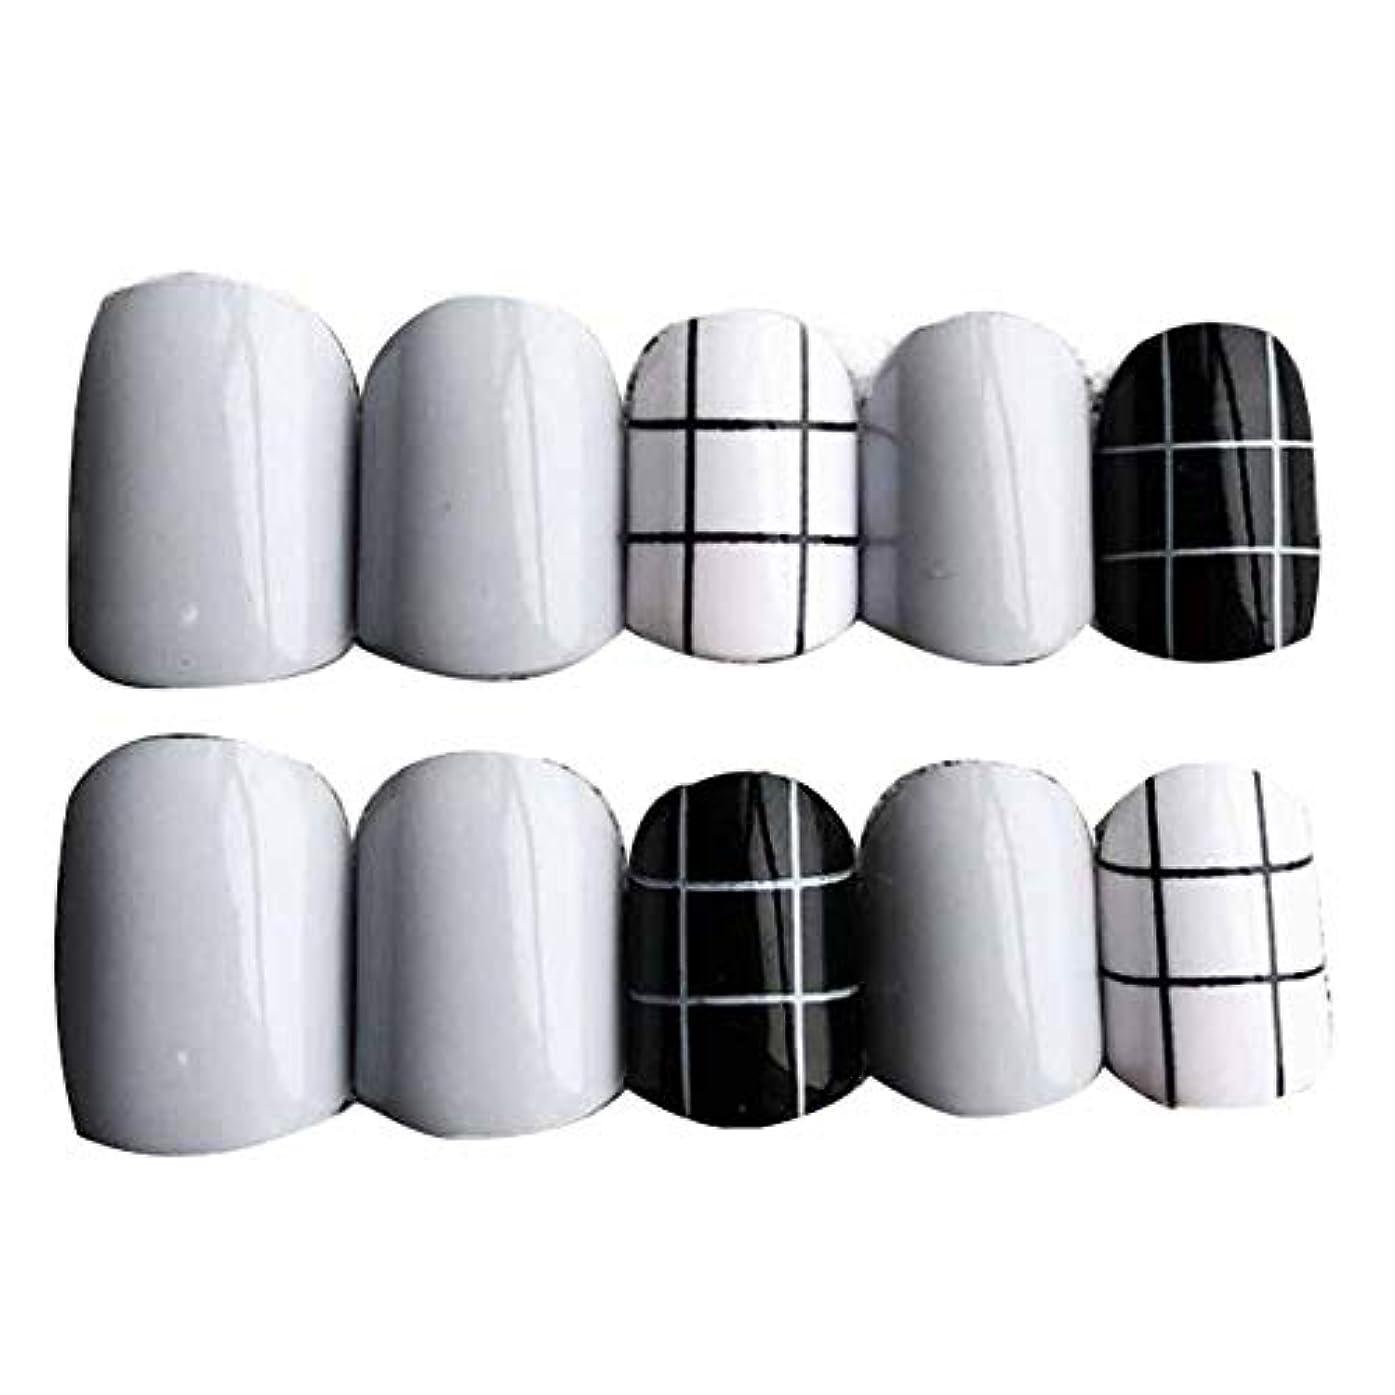 マニアけがをするスナップグレー/ブラック 丸い偽爪人工偽爪のヒント 装飾